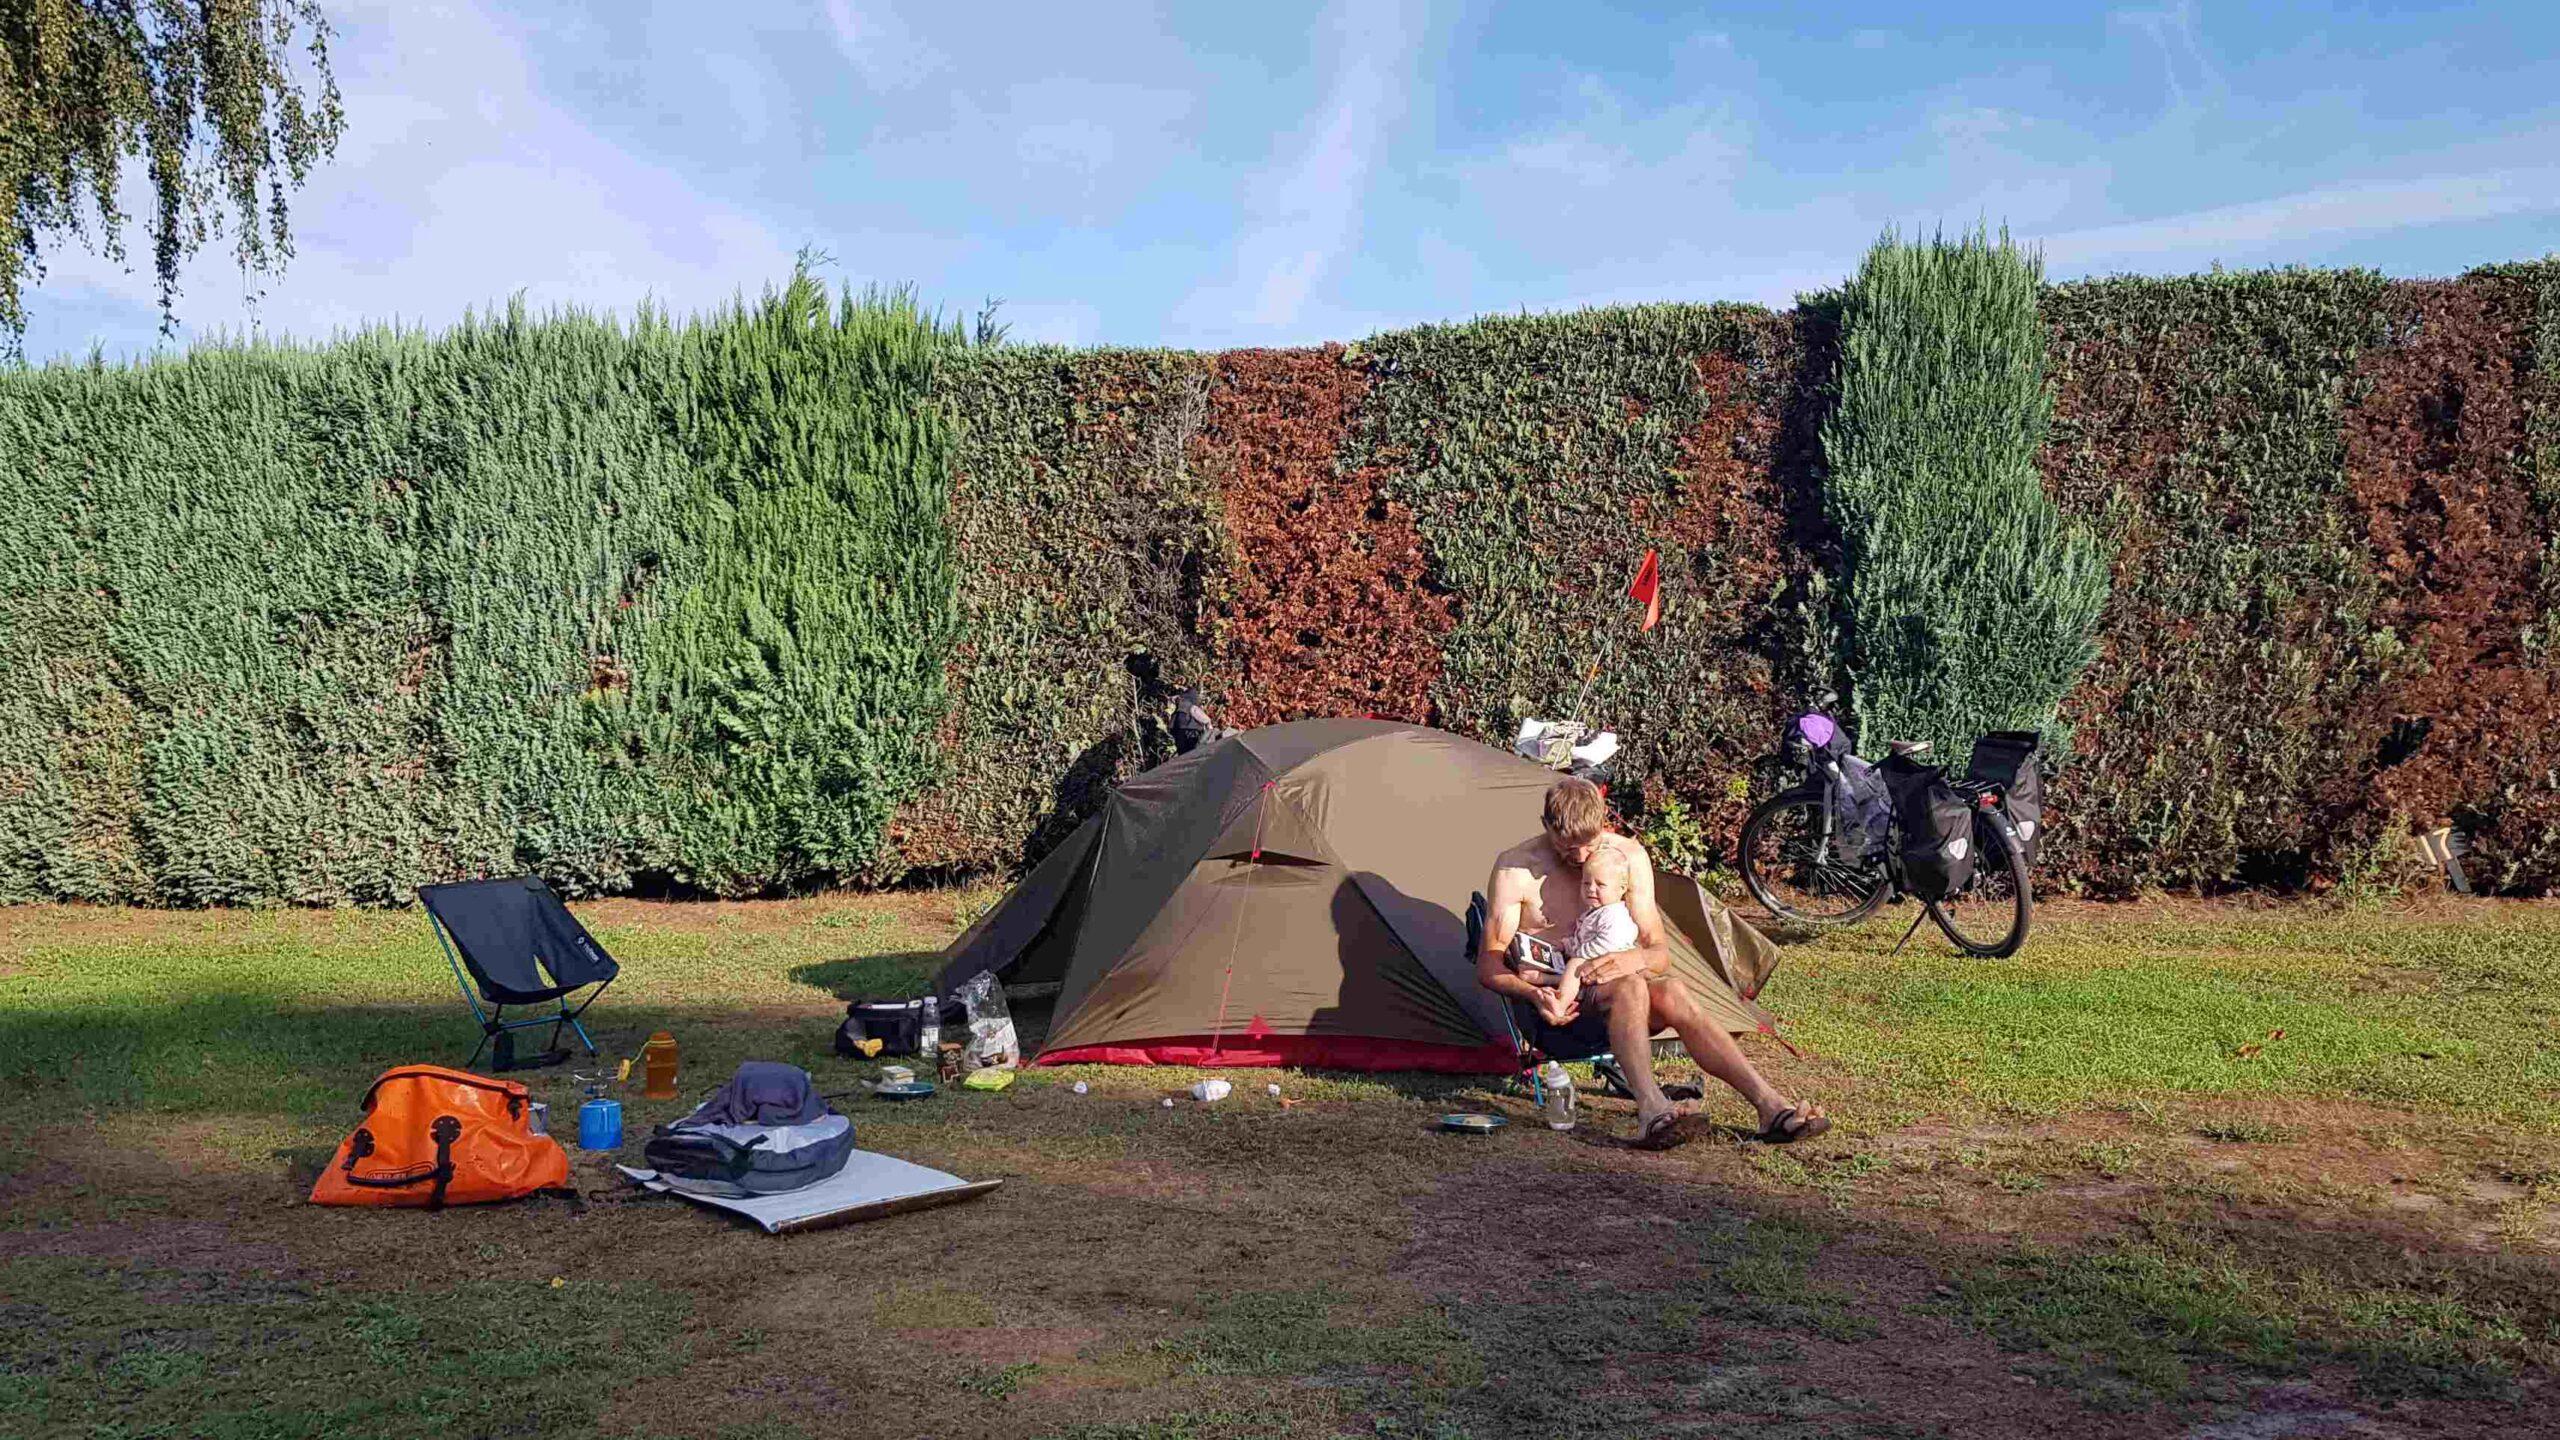 Ronde-van-Nederland-op-de-fiets-Camping-Bergen